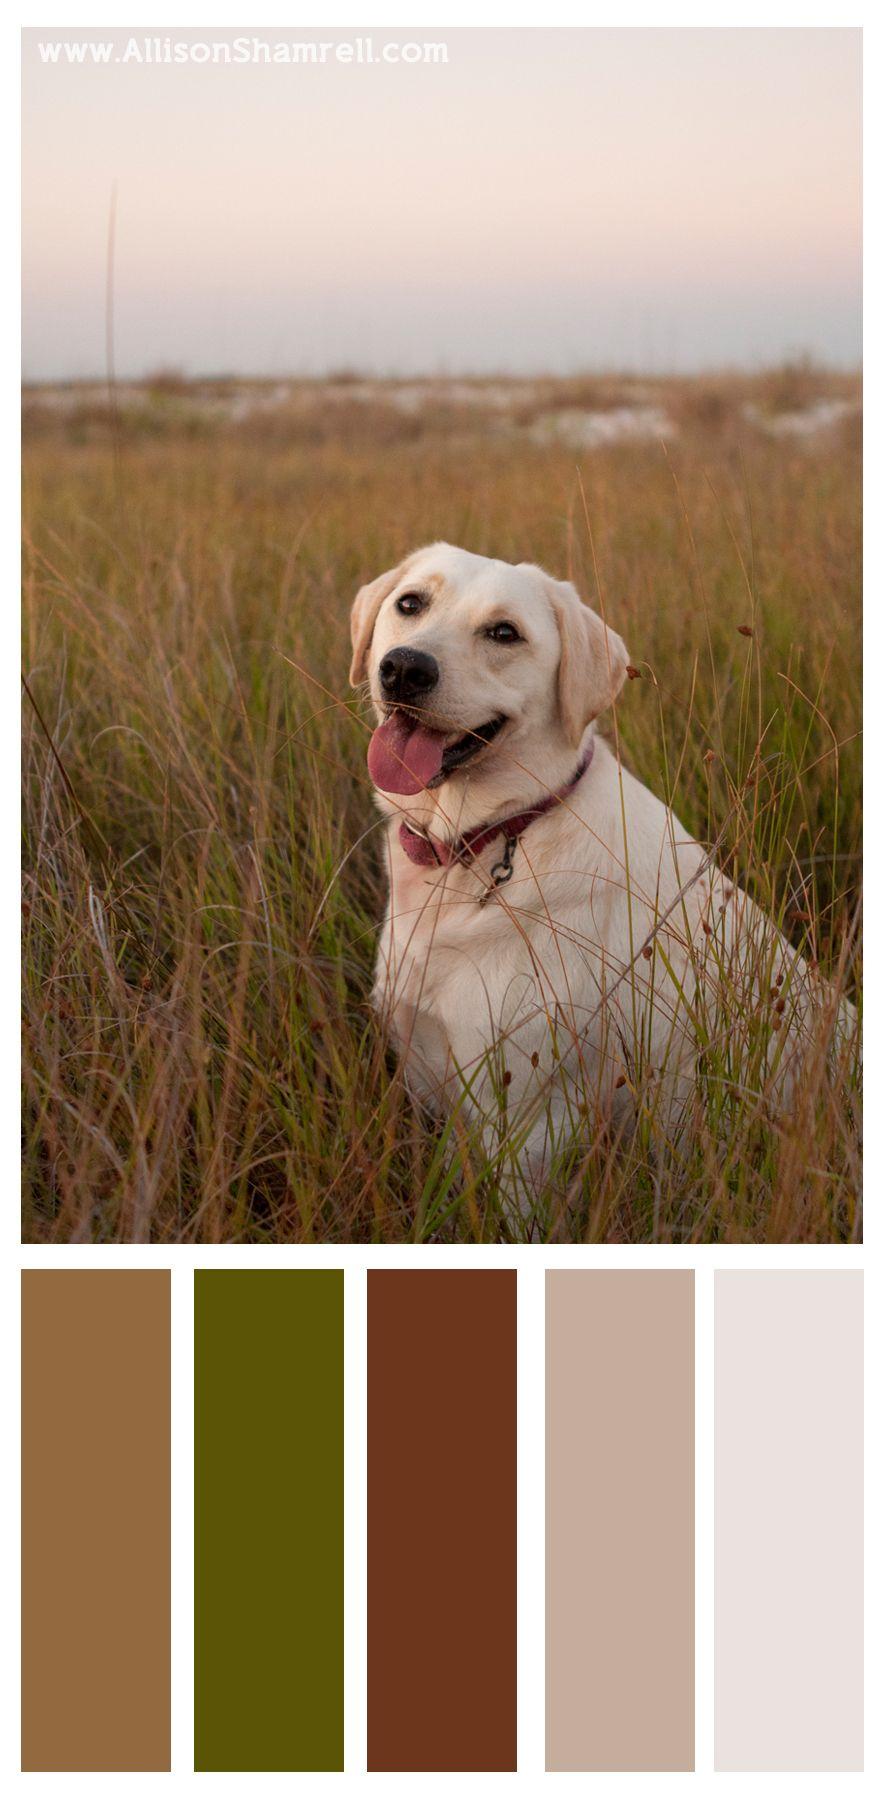 San Diego S Best Pet Photography By Allison Shamrell San Diego S Best Pet Photography Yellow Labrador Golden Retriever Colors Labrador